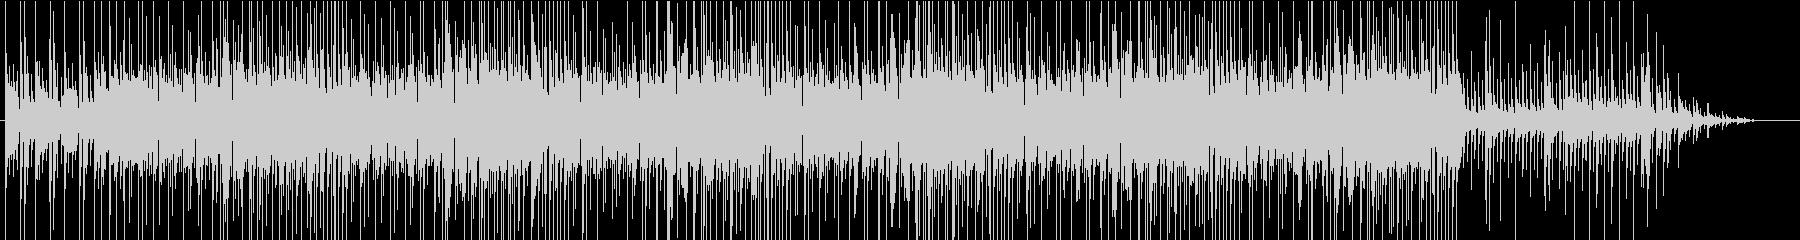 生三線で奏でる沖縄民謡/仲順流りの未再生の波形